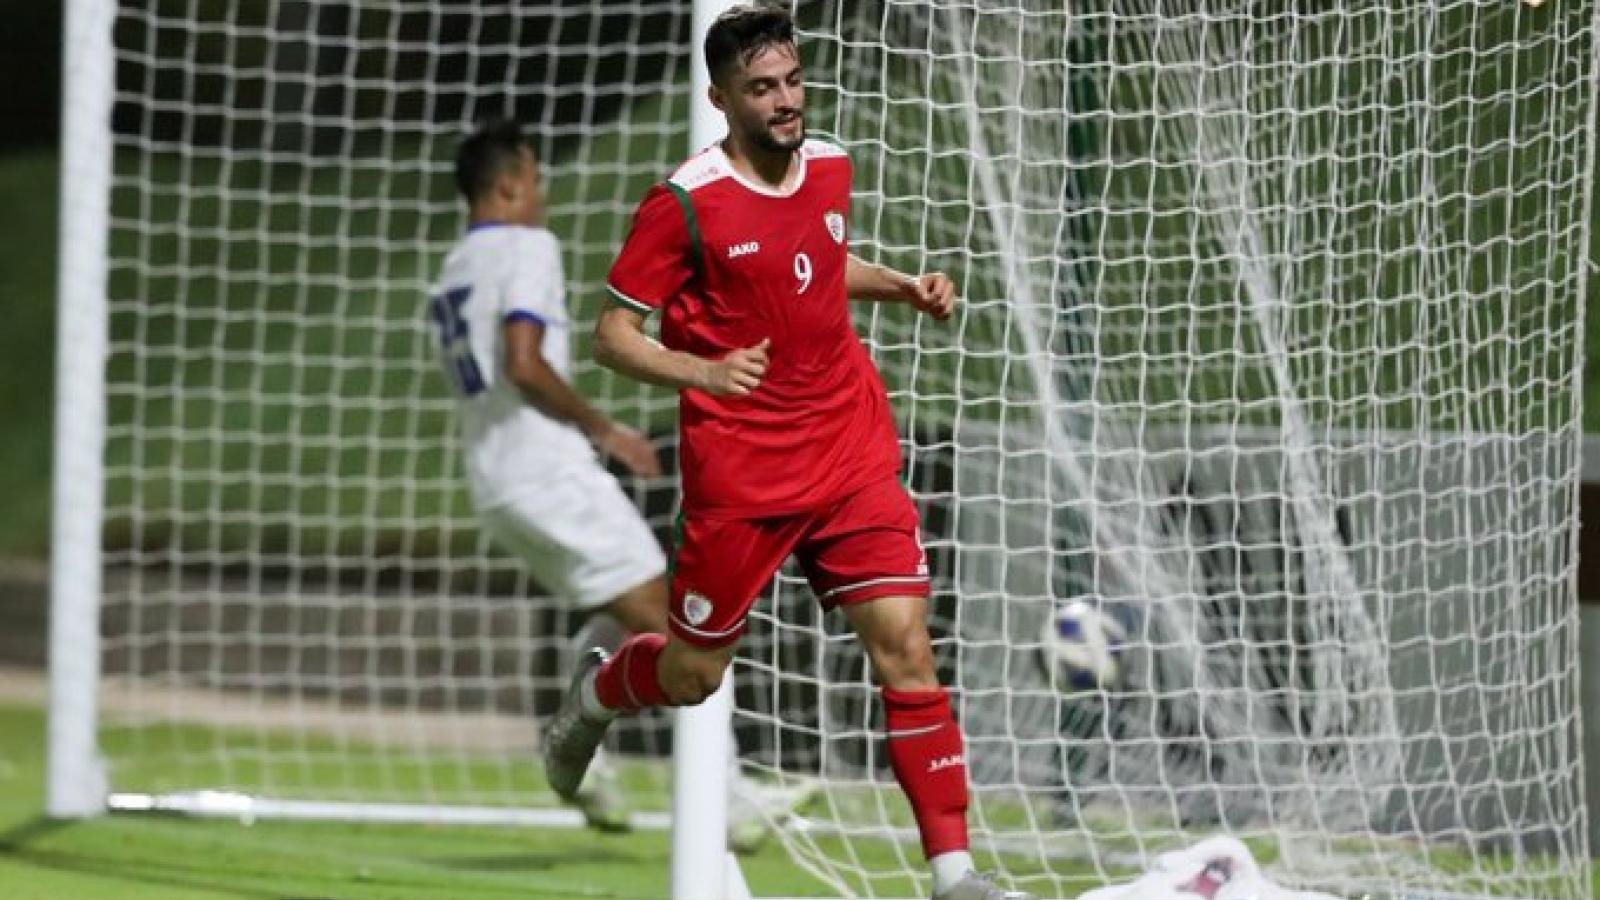 Đối thủ của ĐT Việt Nam ghi 7 bàn trong trận giao hữu